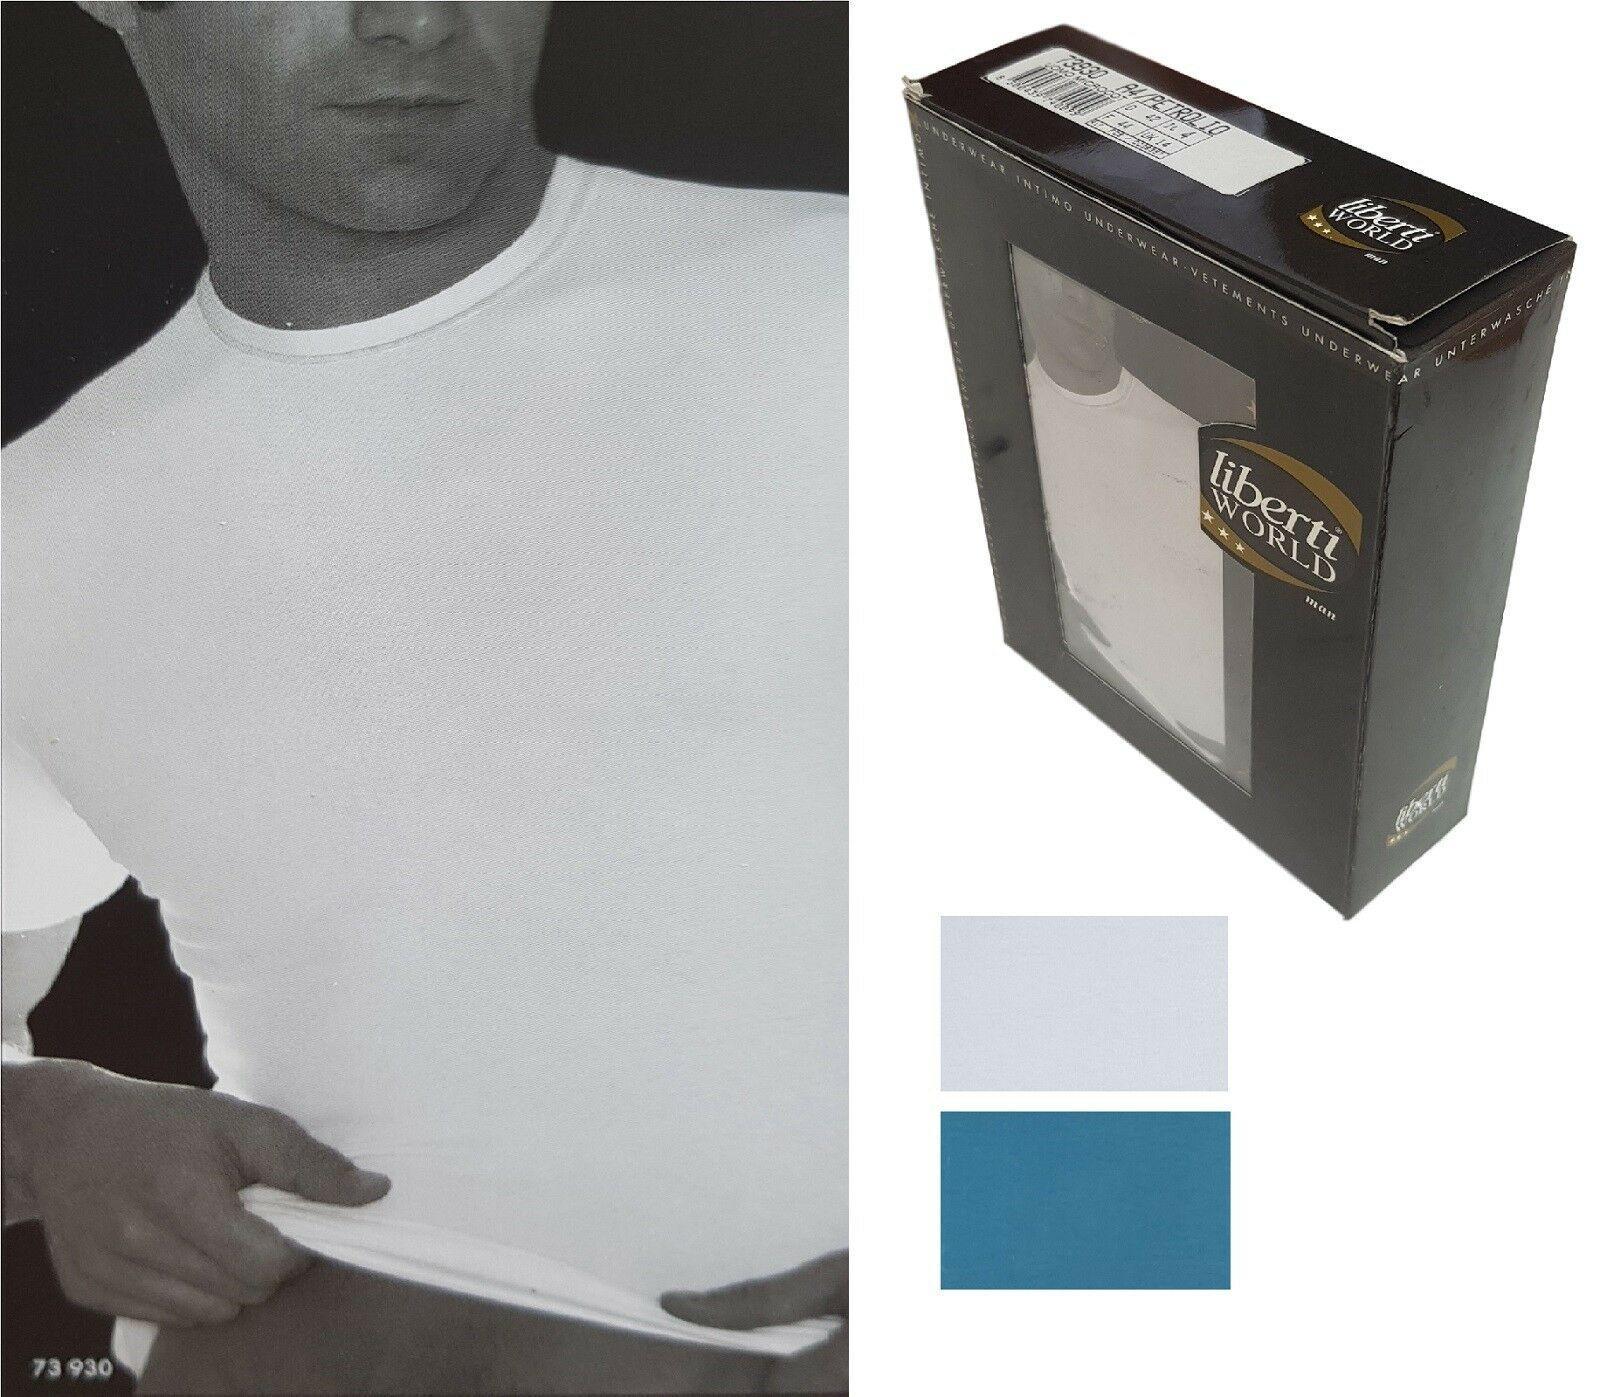 LIBERTI. Maglietta intima 73930 T-shirt Uomo manica corta, girocollo Microcotone